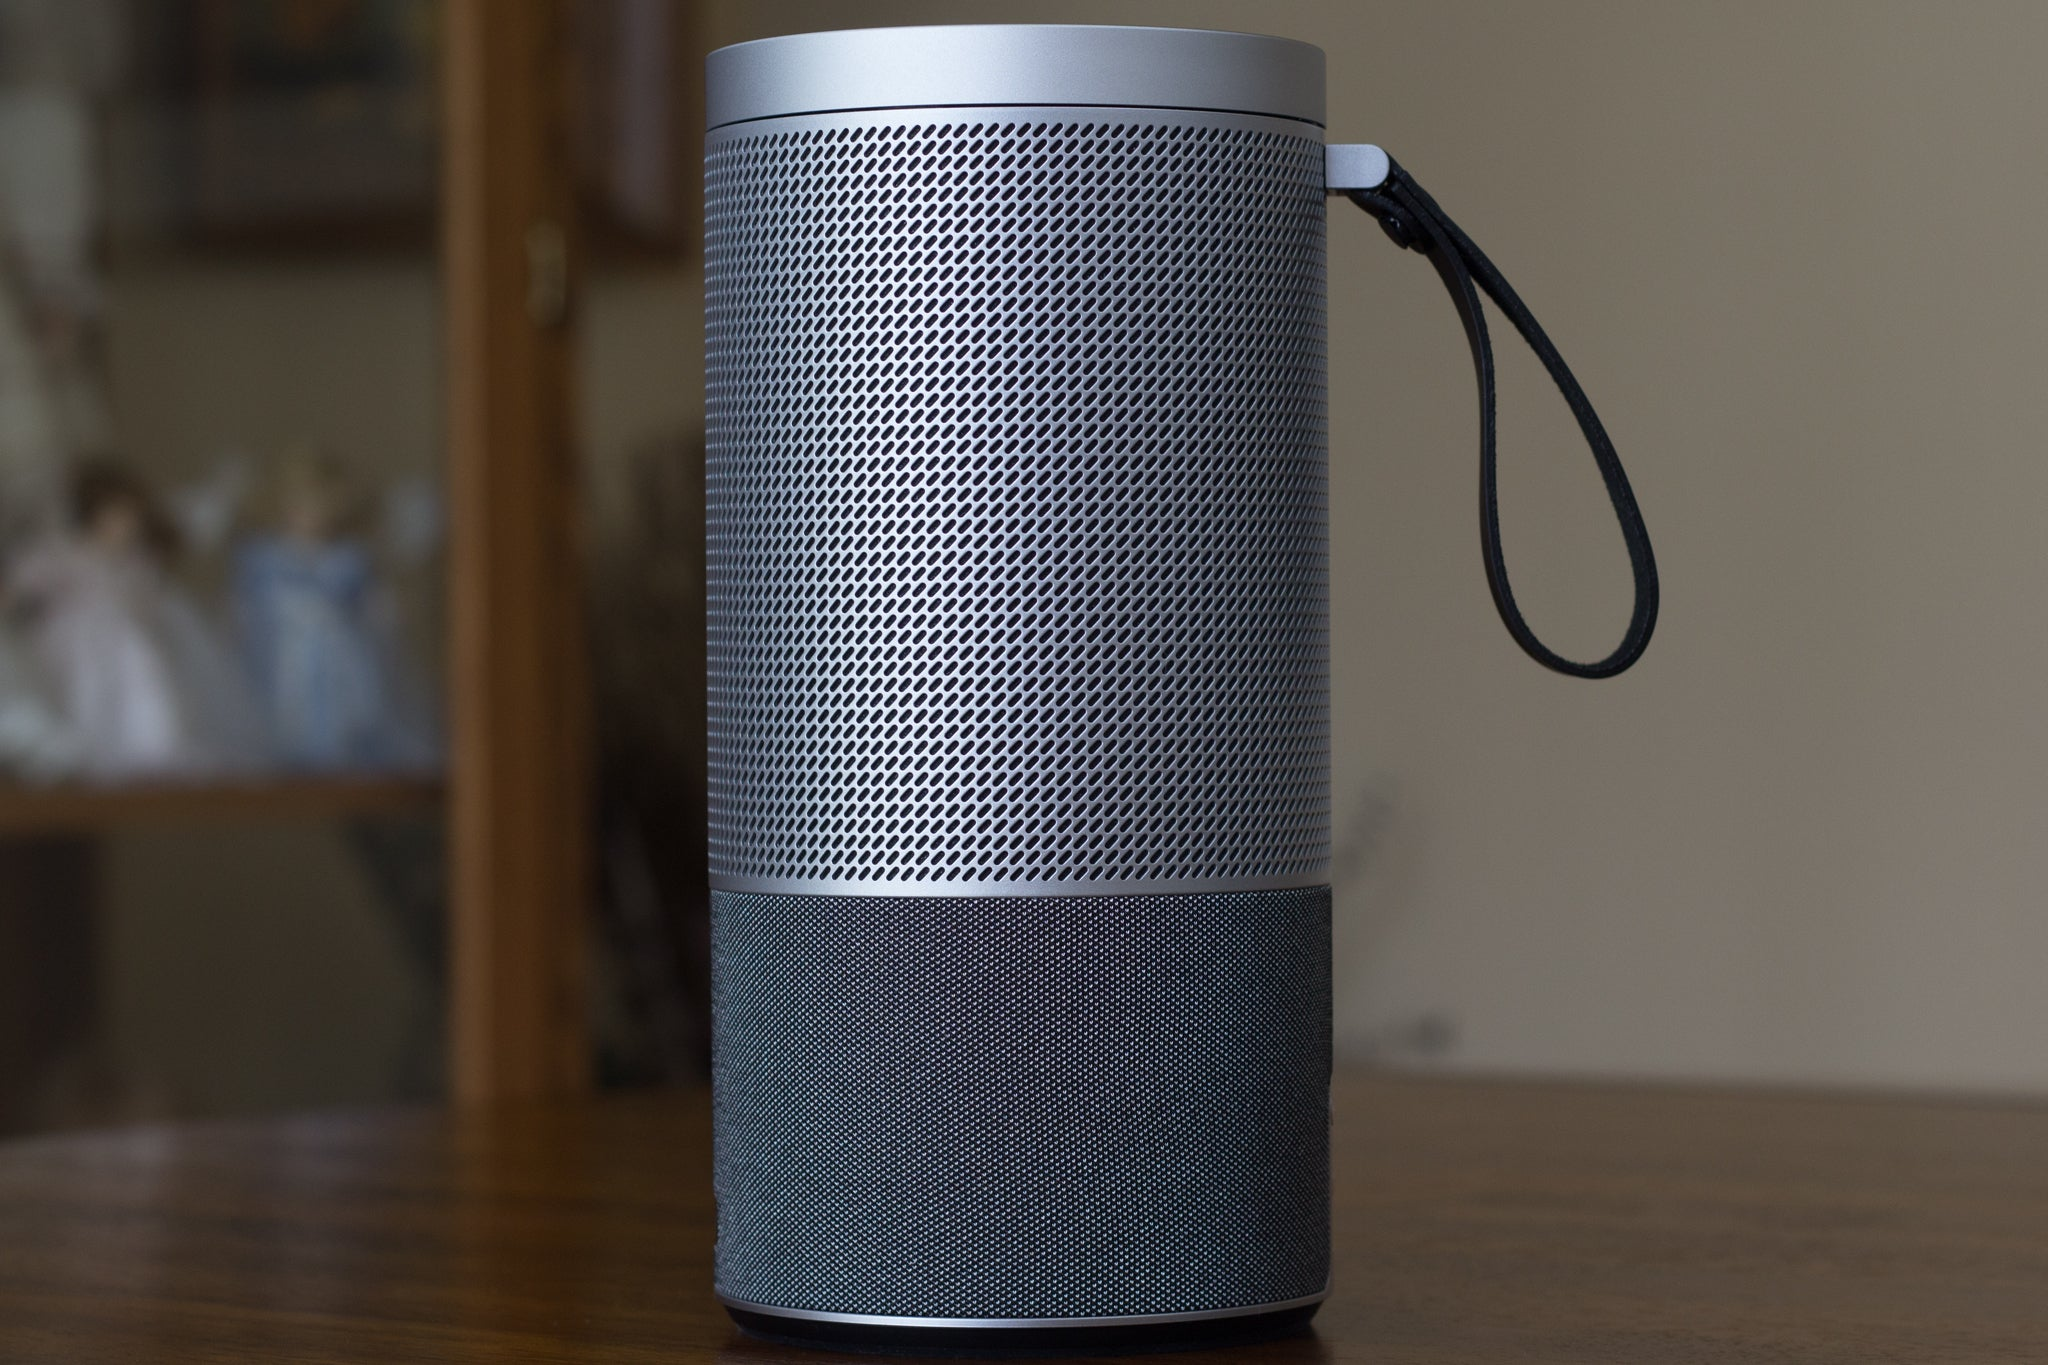 Vizio SmartCast Crave 360 review: Great features, but